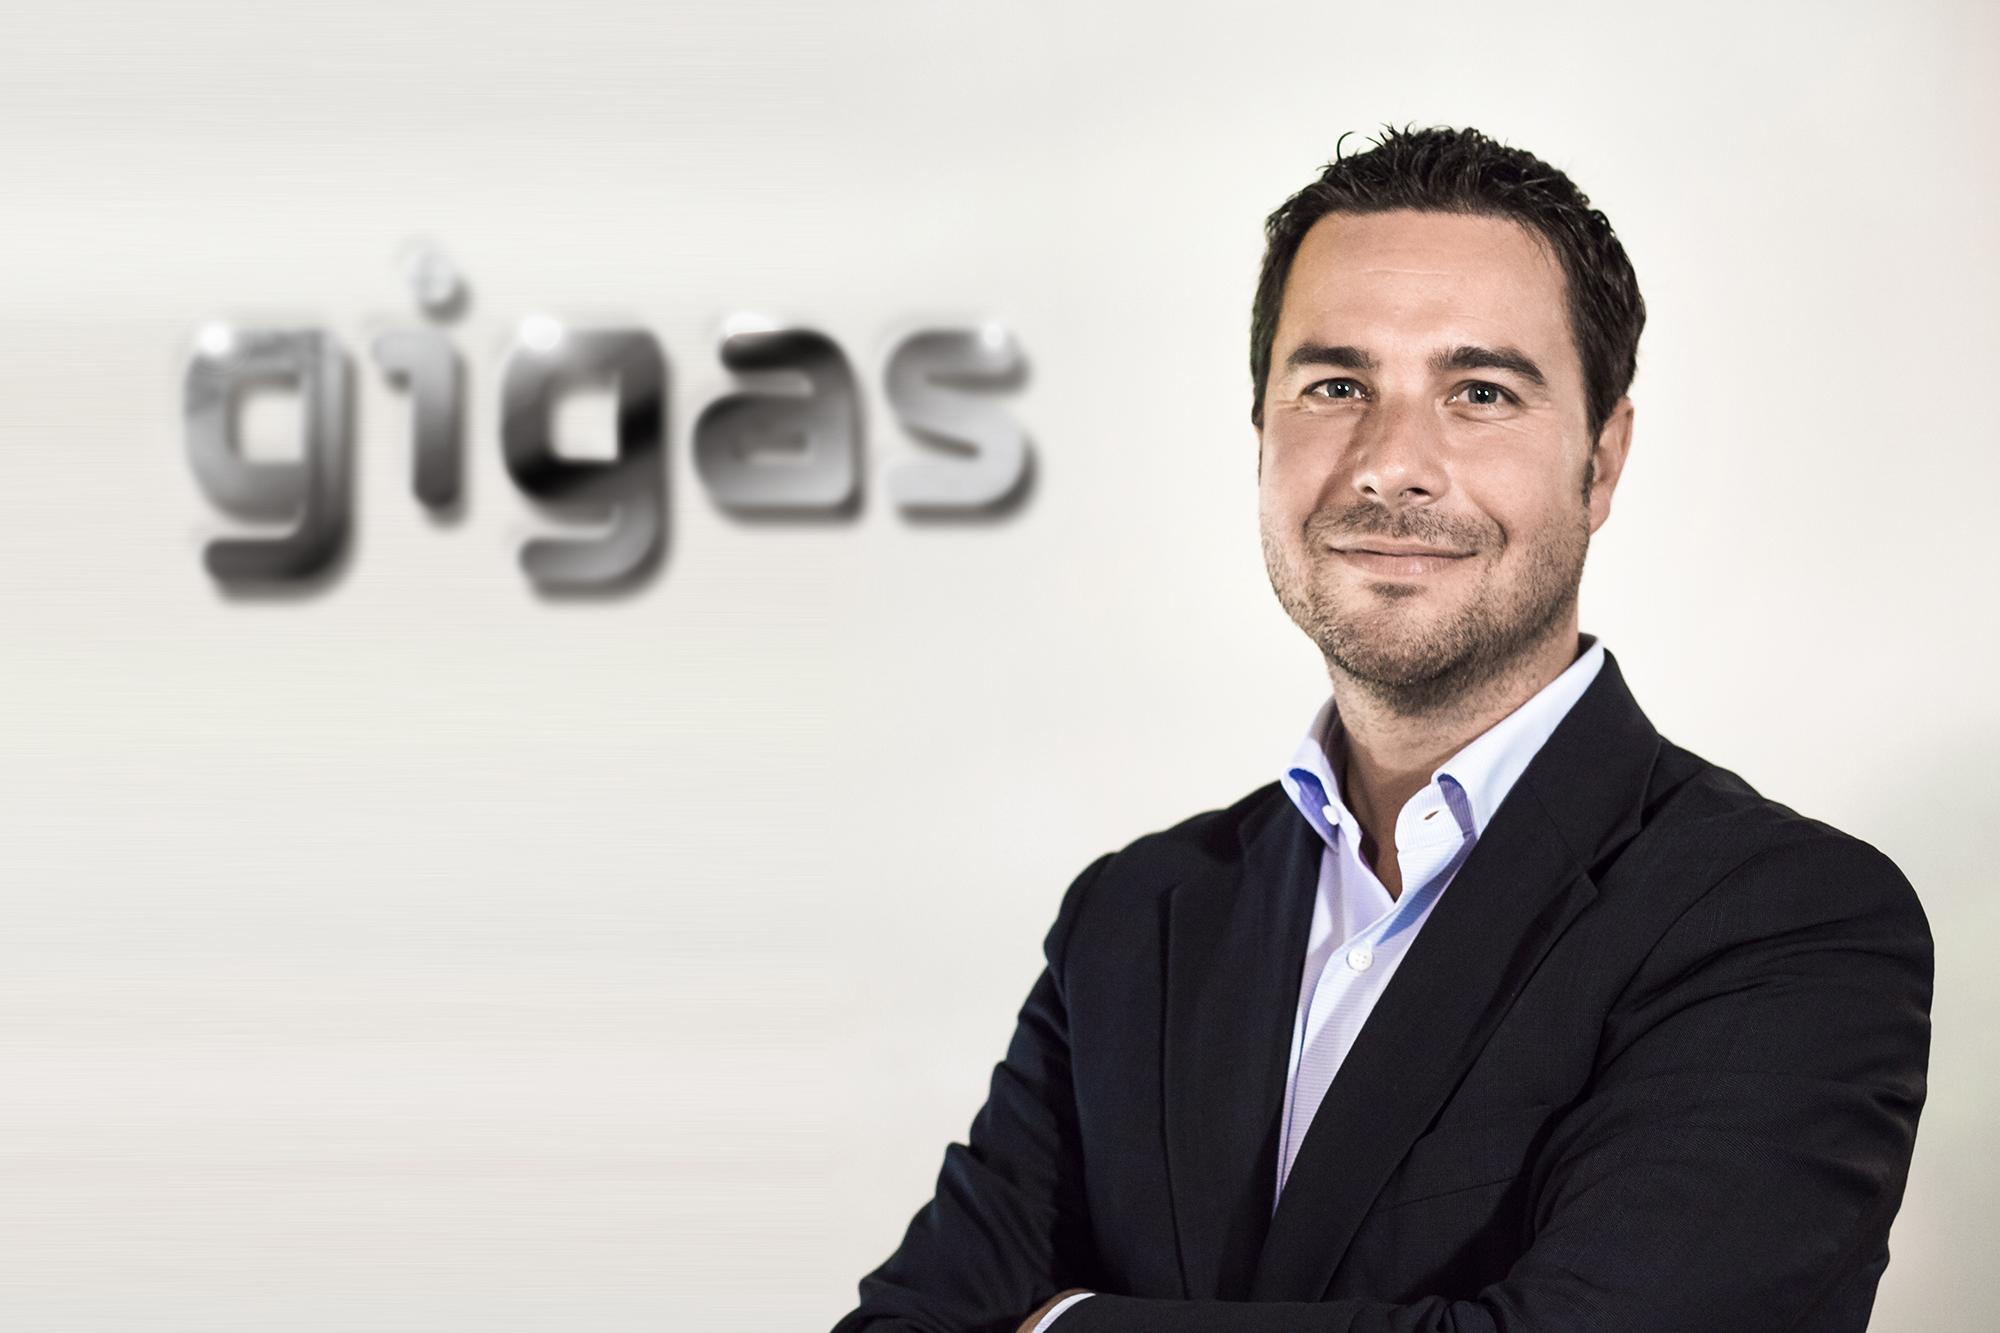 Diego Cabezudo, en la actualidad, es el CEO y co-fundador de la compañía multinacional Gigas.